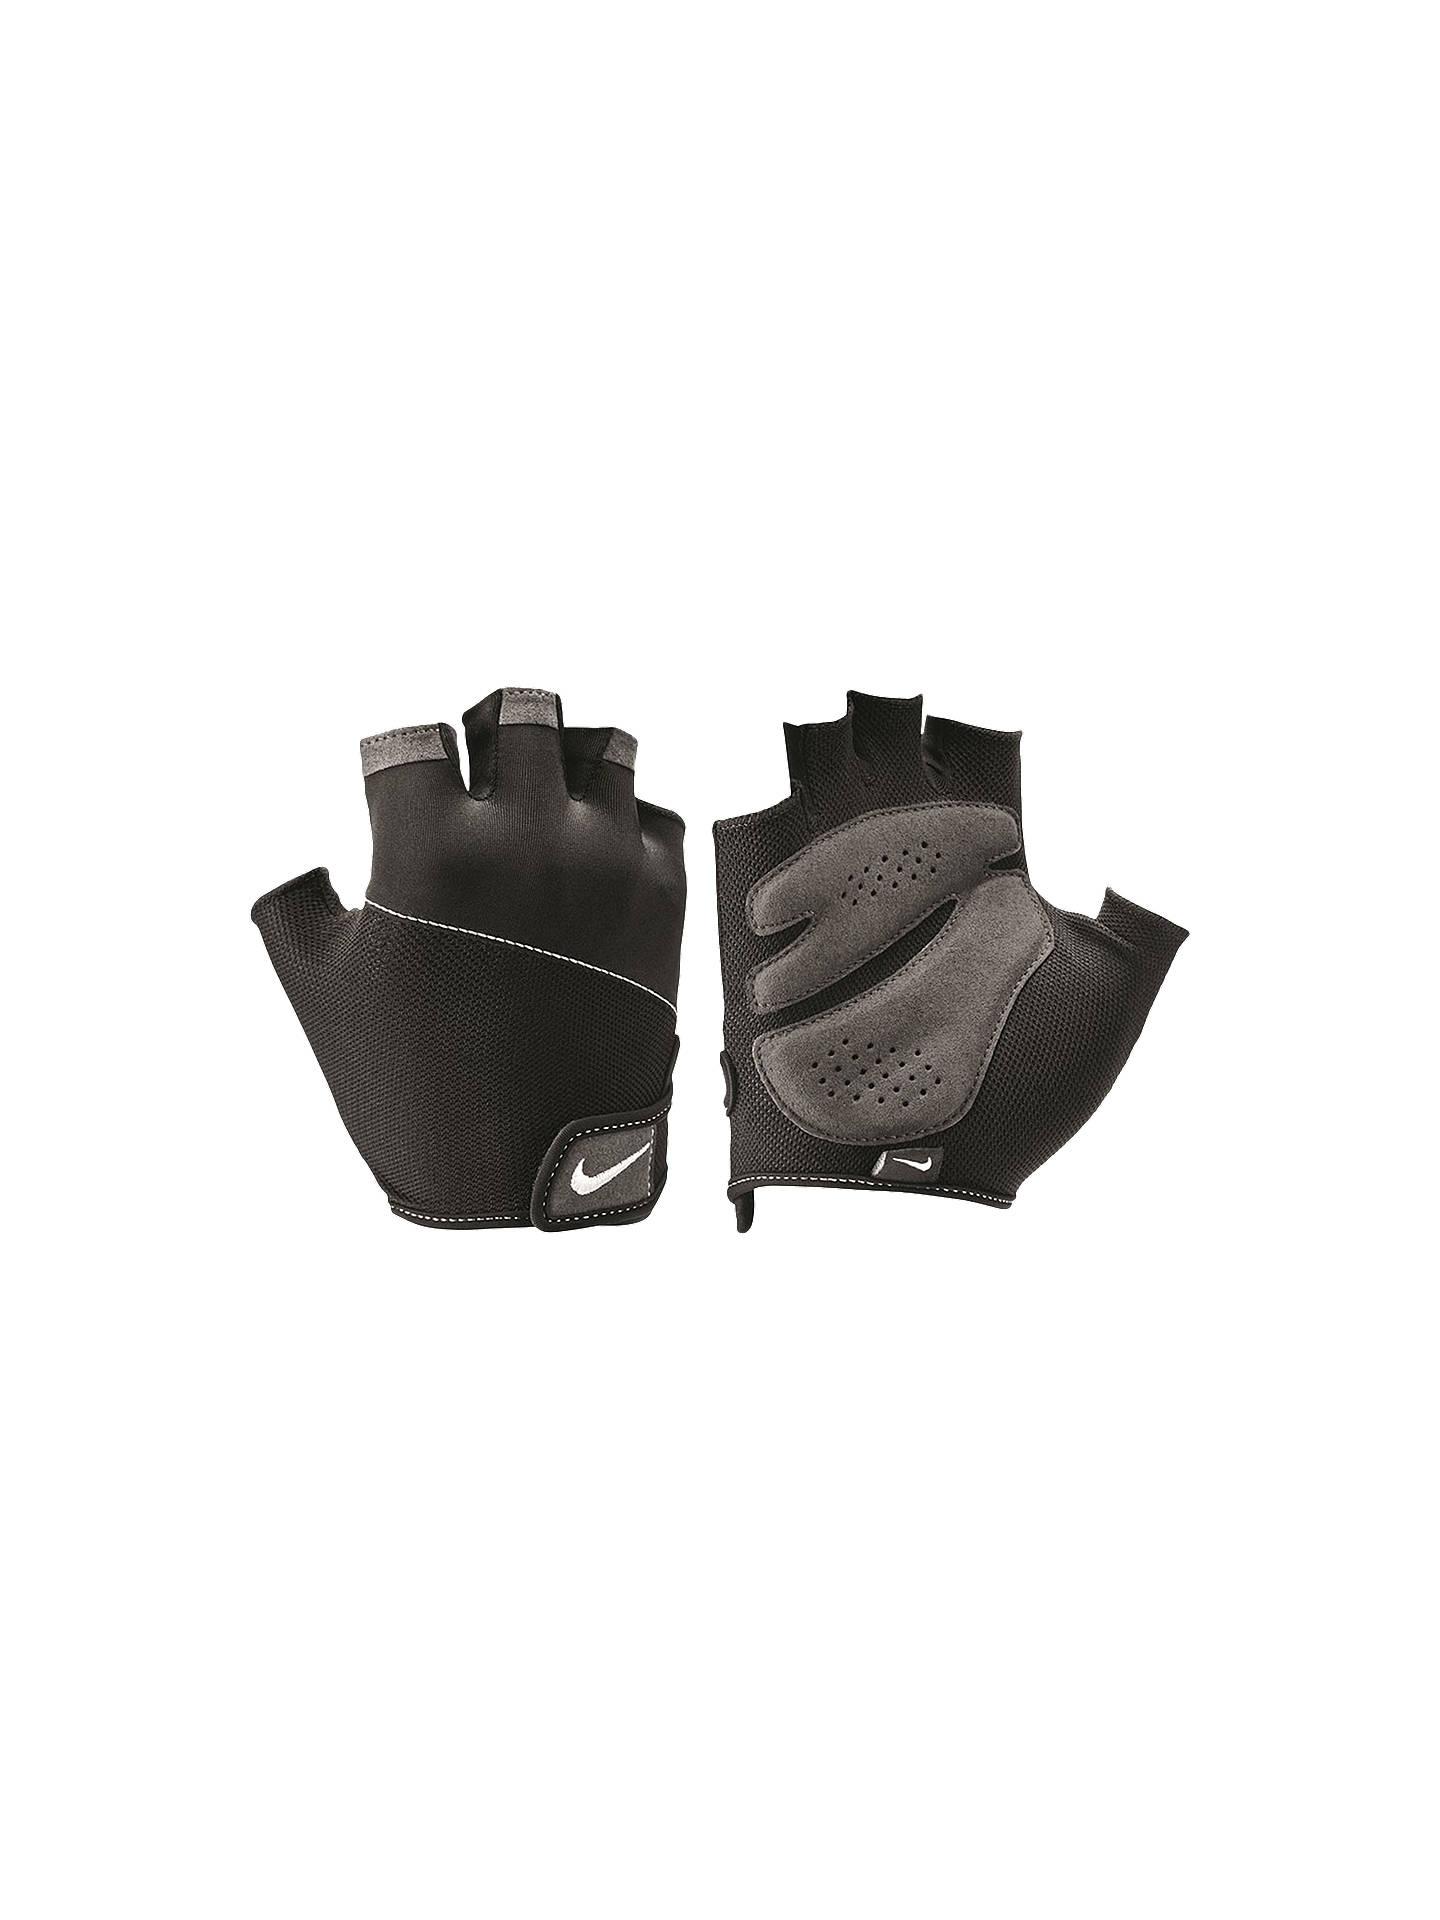 Nike Element Fitness Training Gloves, Black/White